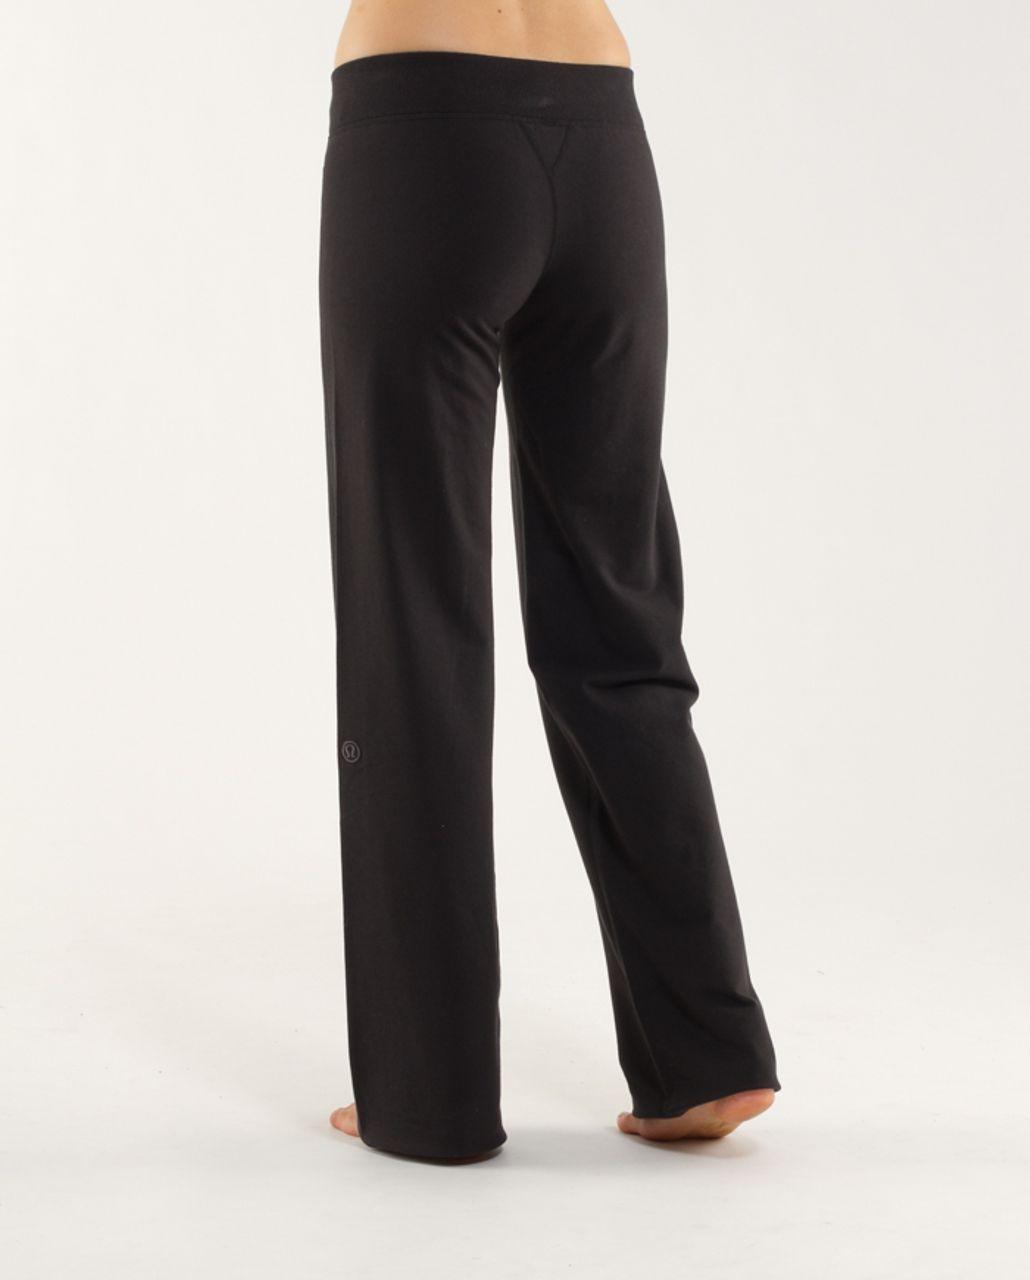 Lululemon Lulu Pant II - Black